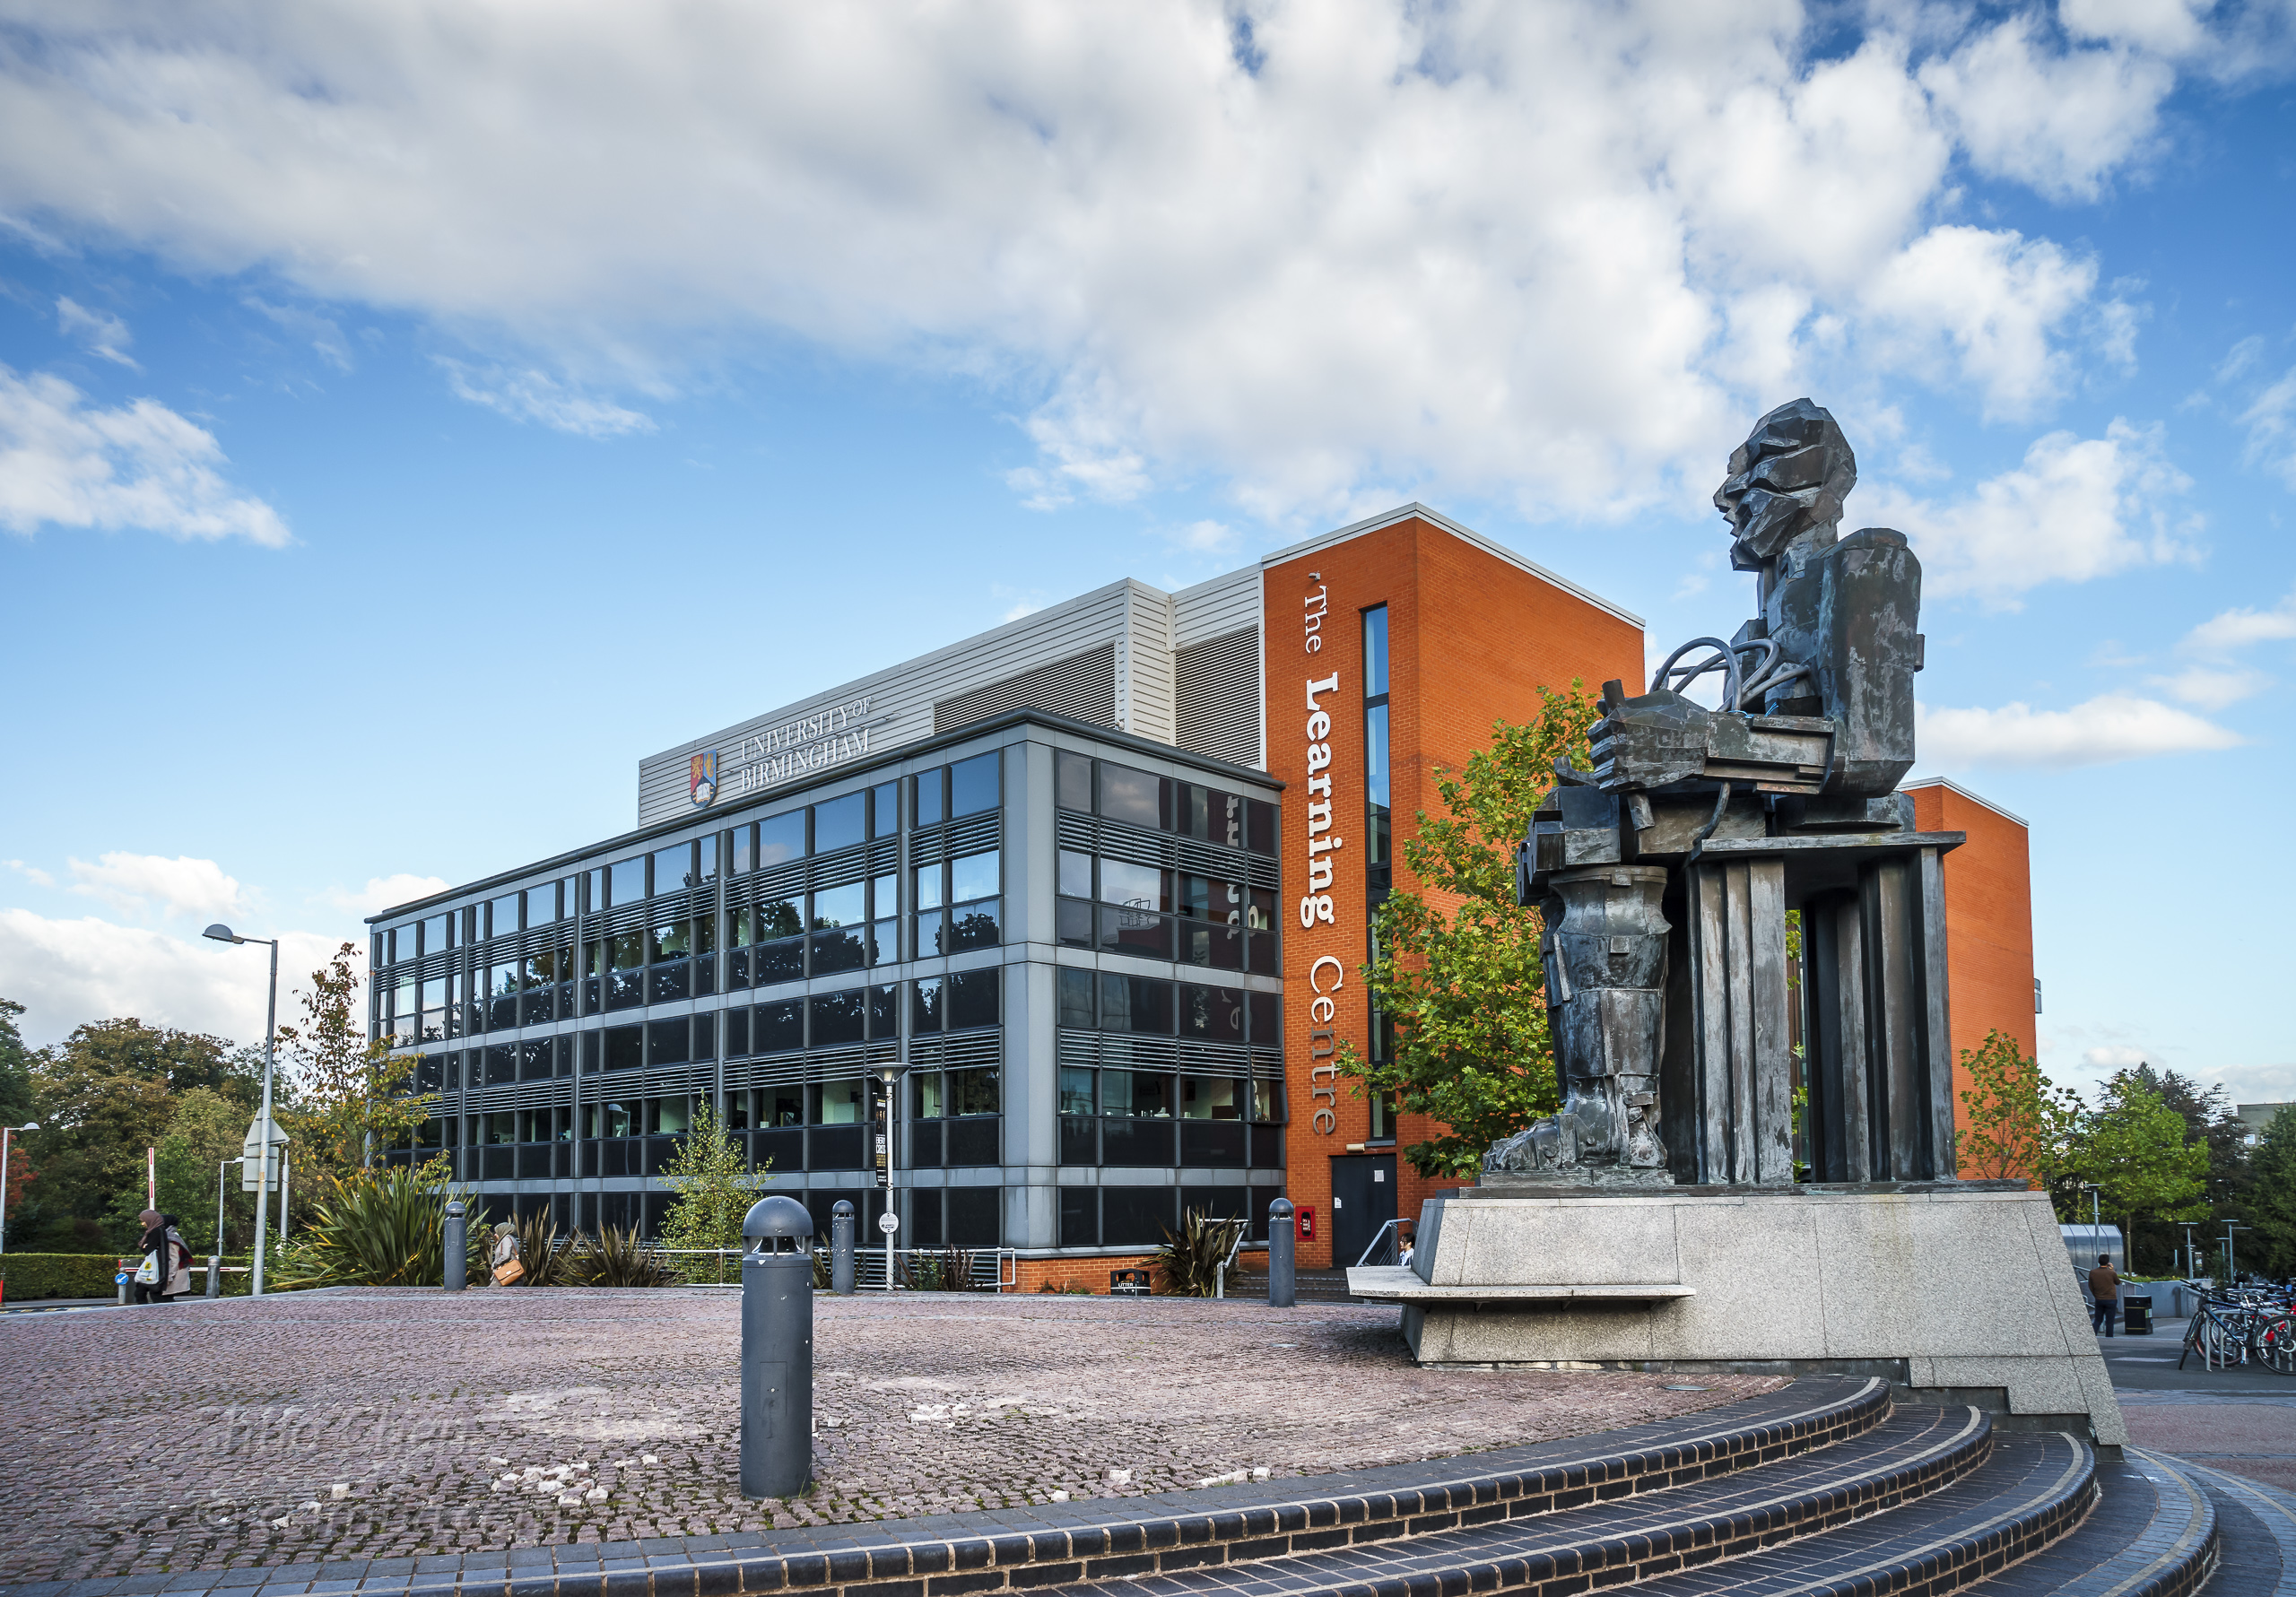 20161006 The University of Birmingham